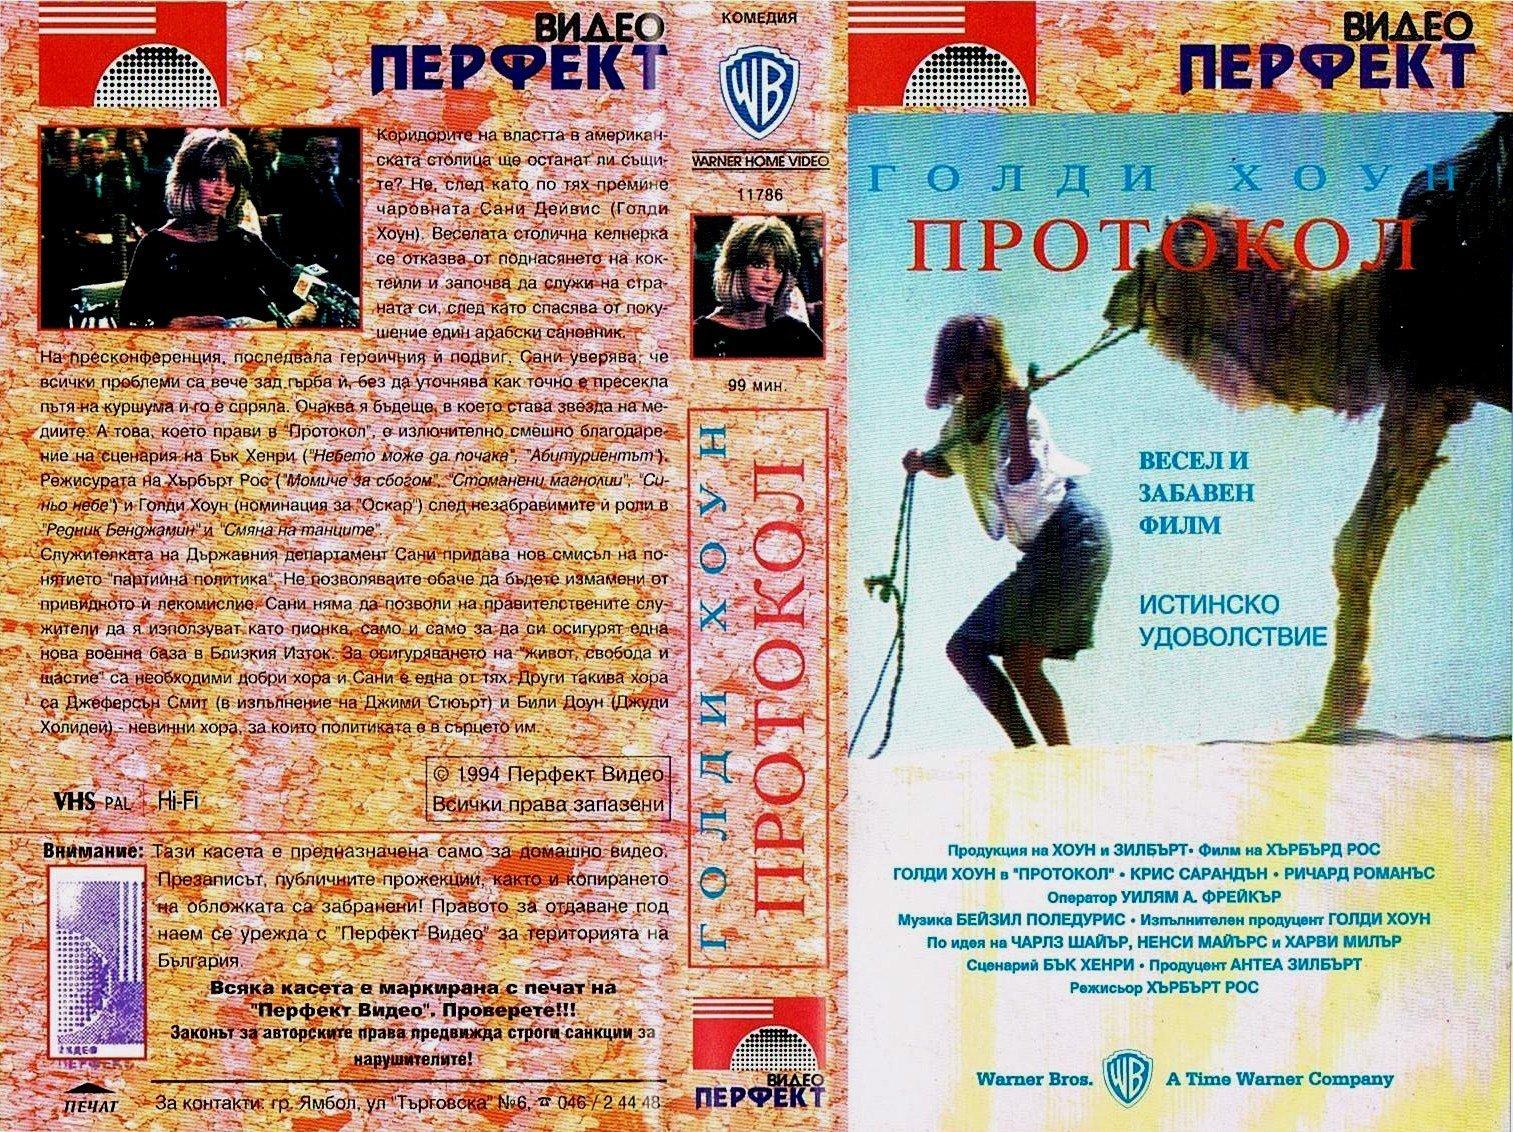 Протокол филм постер